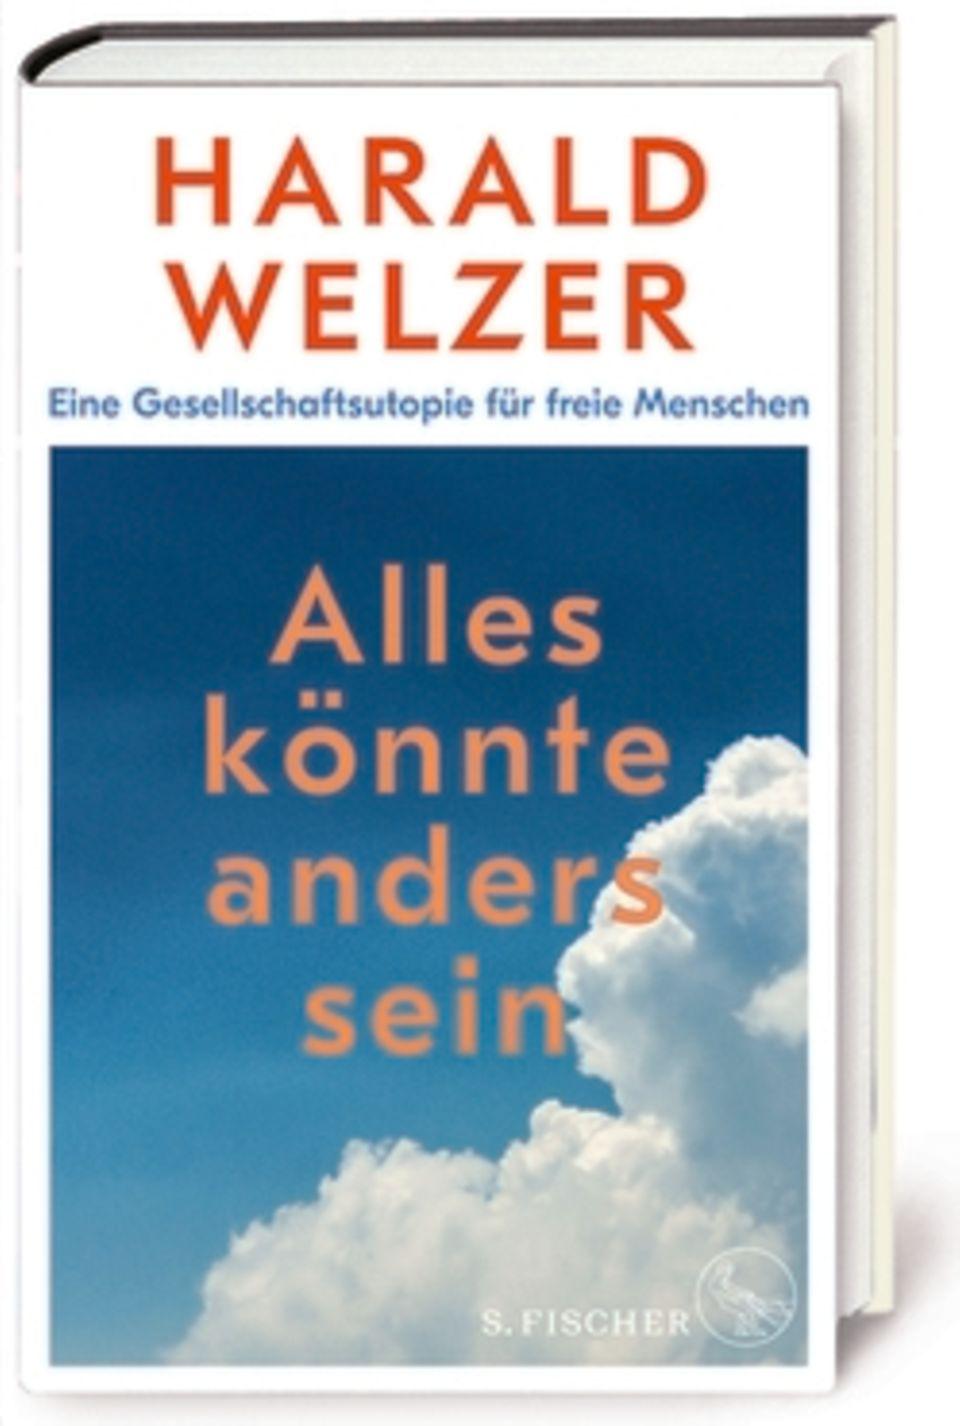 """Professor Harald Welzer, 60, ist Sozialpsychologe. Er leitet das """"Center for Transformation Design""""an der Universität Flensburg und lehrt zudem an der Universität St. Gallen. Vor acht Jahren gründete er die Stiftung """"Futurzwei"""", die sich für nachhaltiges Leben und Wirtschaften einsetzt. Welzer hat zahlreiche Bücher zu gesellschaftspolitischen Fragen geschrieben, von denen einige Bestseller wurden. Sein neuestes Buch, das gerade erschienen ist, war die Grundlage für diesen Artikel: Harald Welzer: """"Alles könnte anders sein. Eine Gesellschaftsutopie für freie Menschen"""", S. Fischer, 320 Seiten, 22 Euro"""